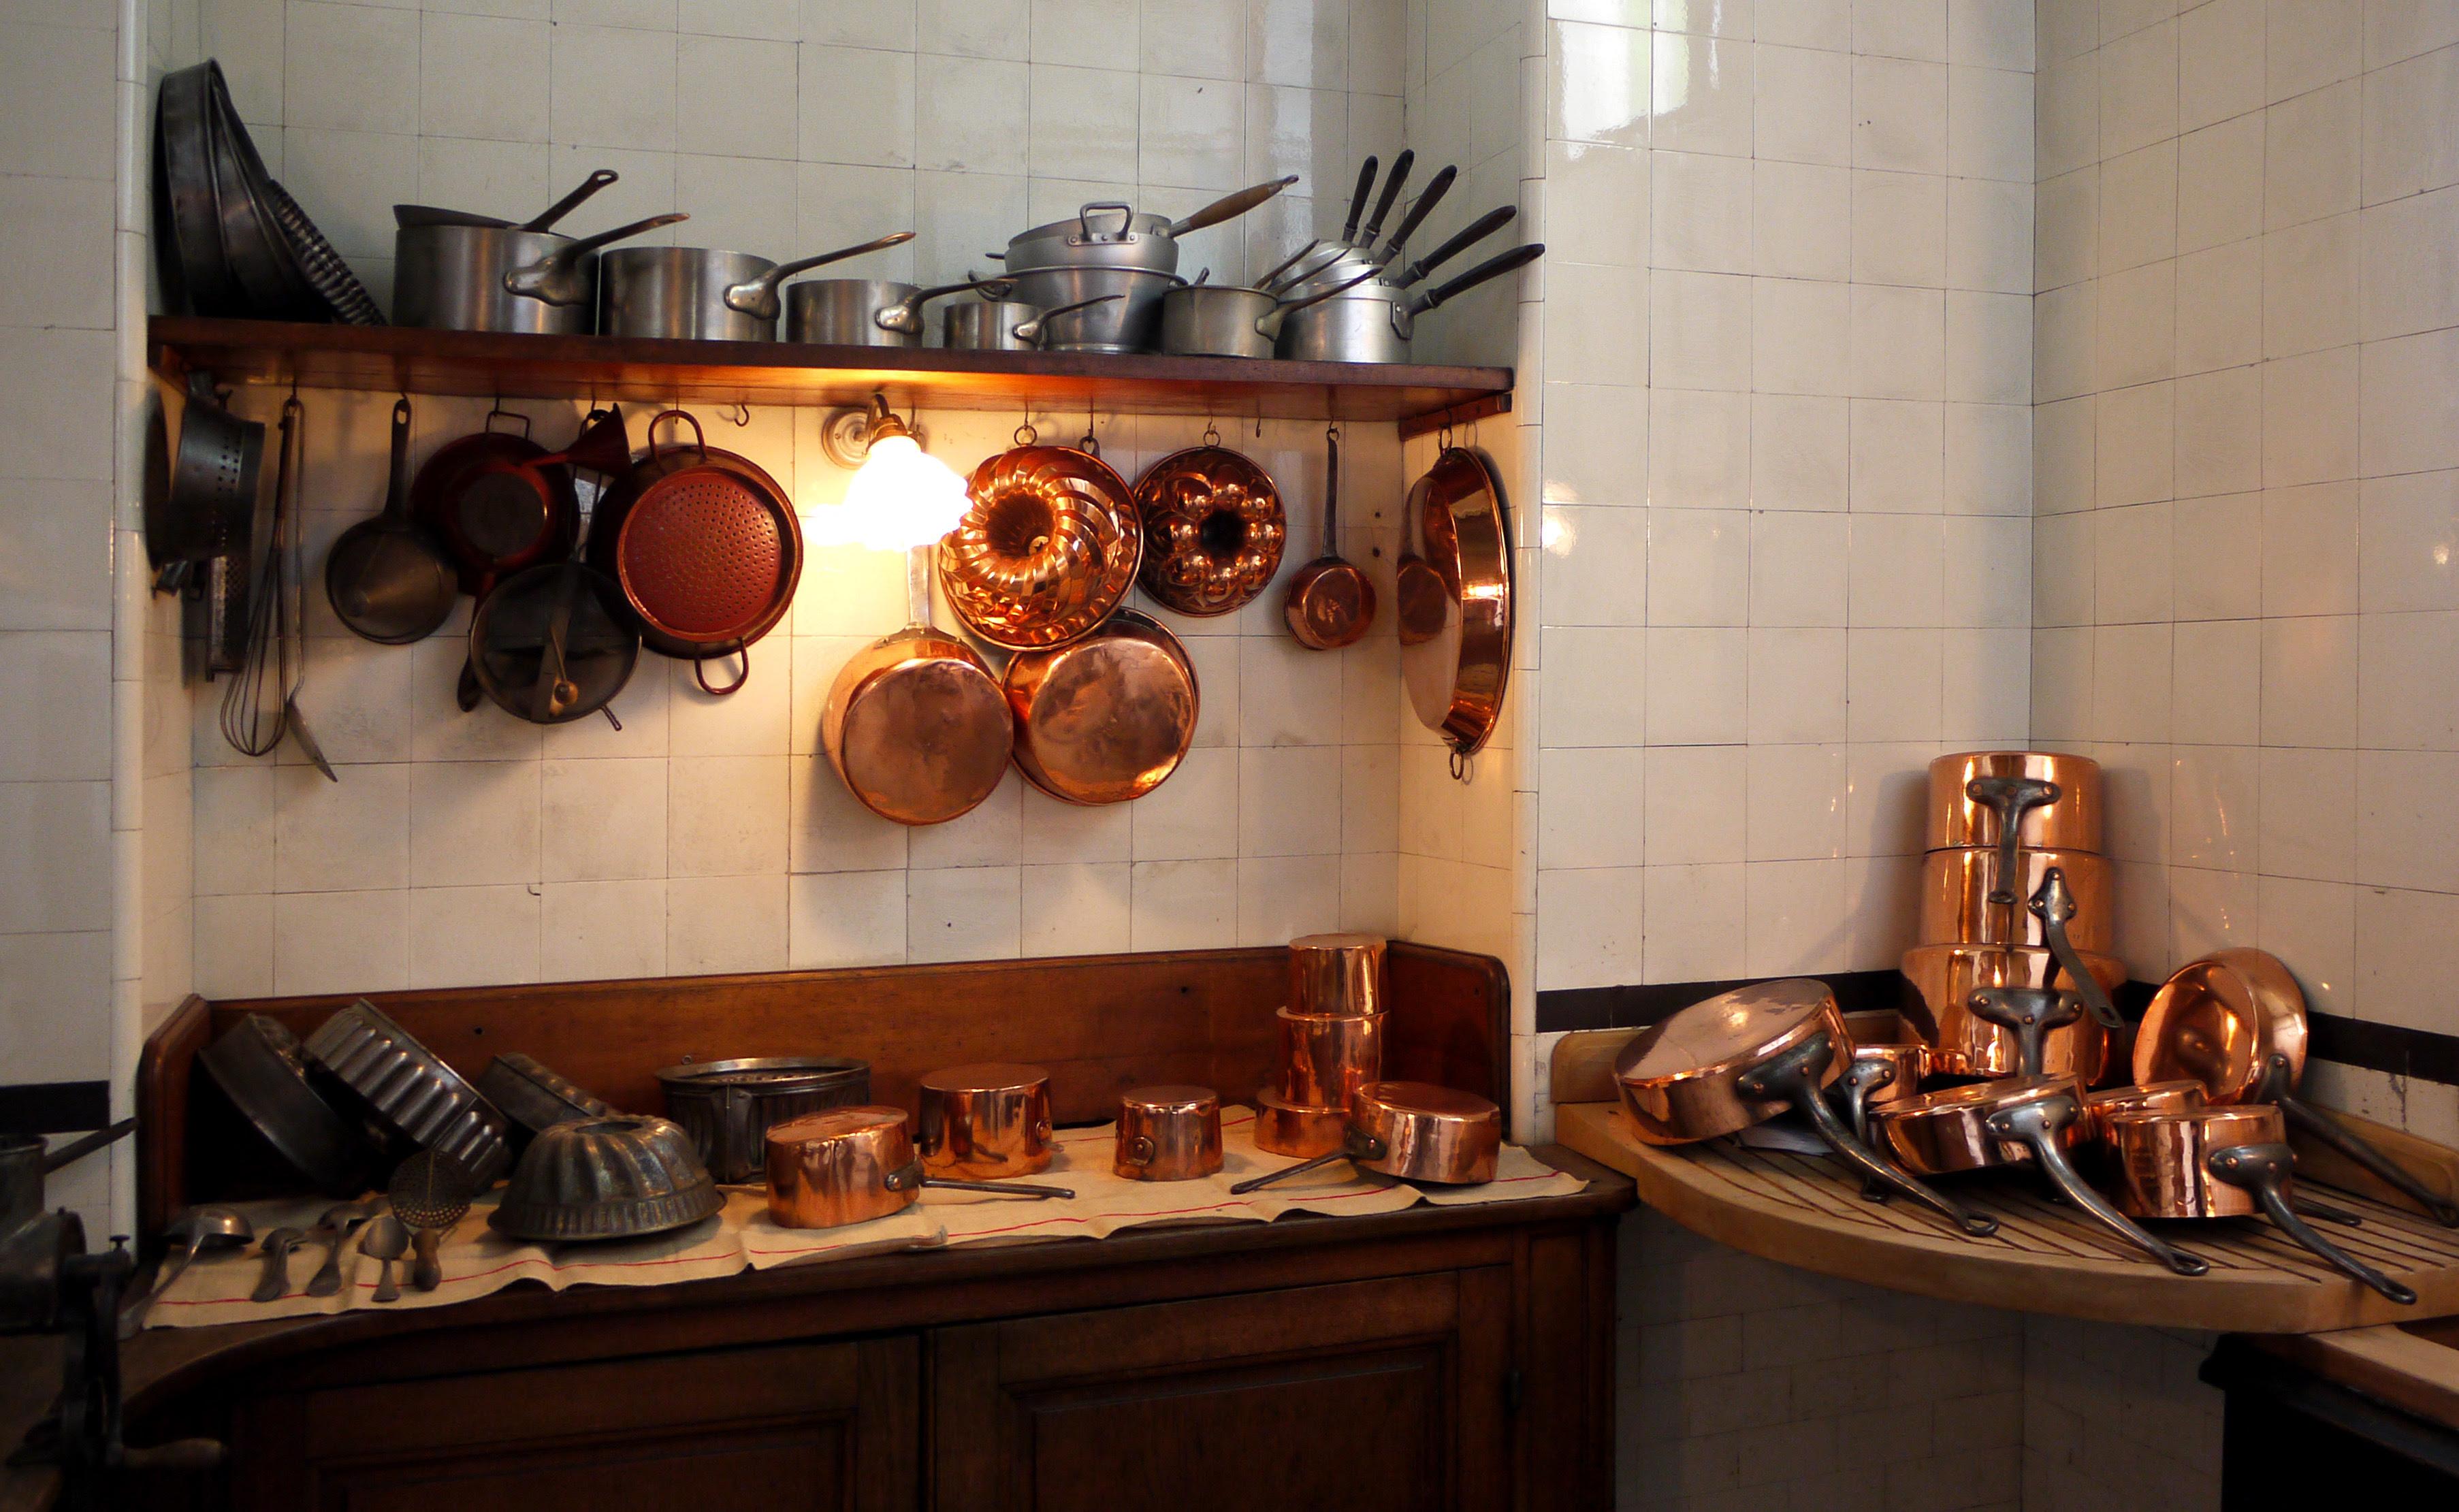 Kitchen utensil - Wikipedia, the free encyclopedia